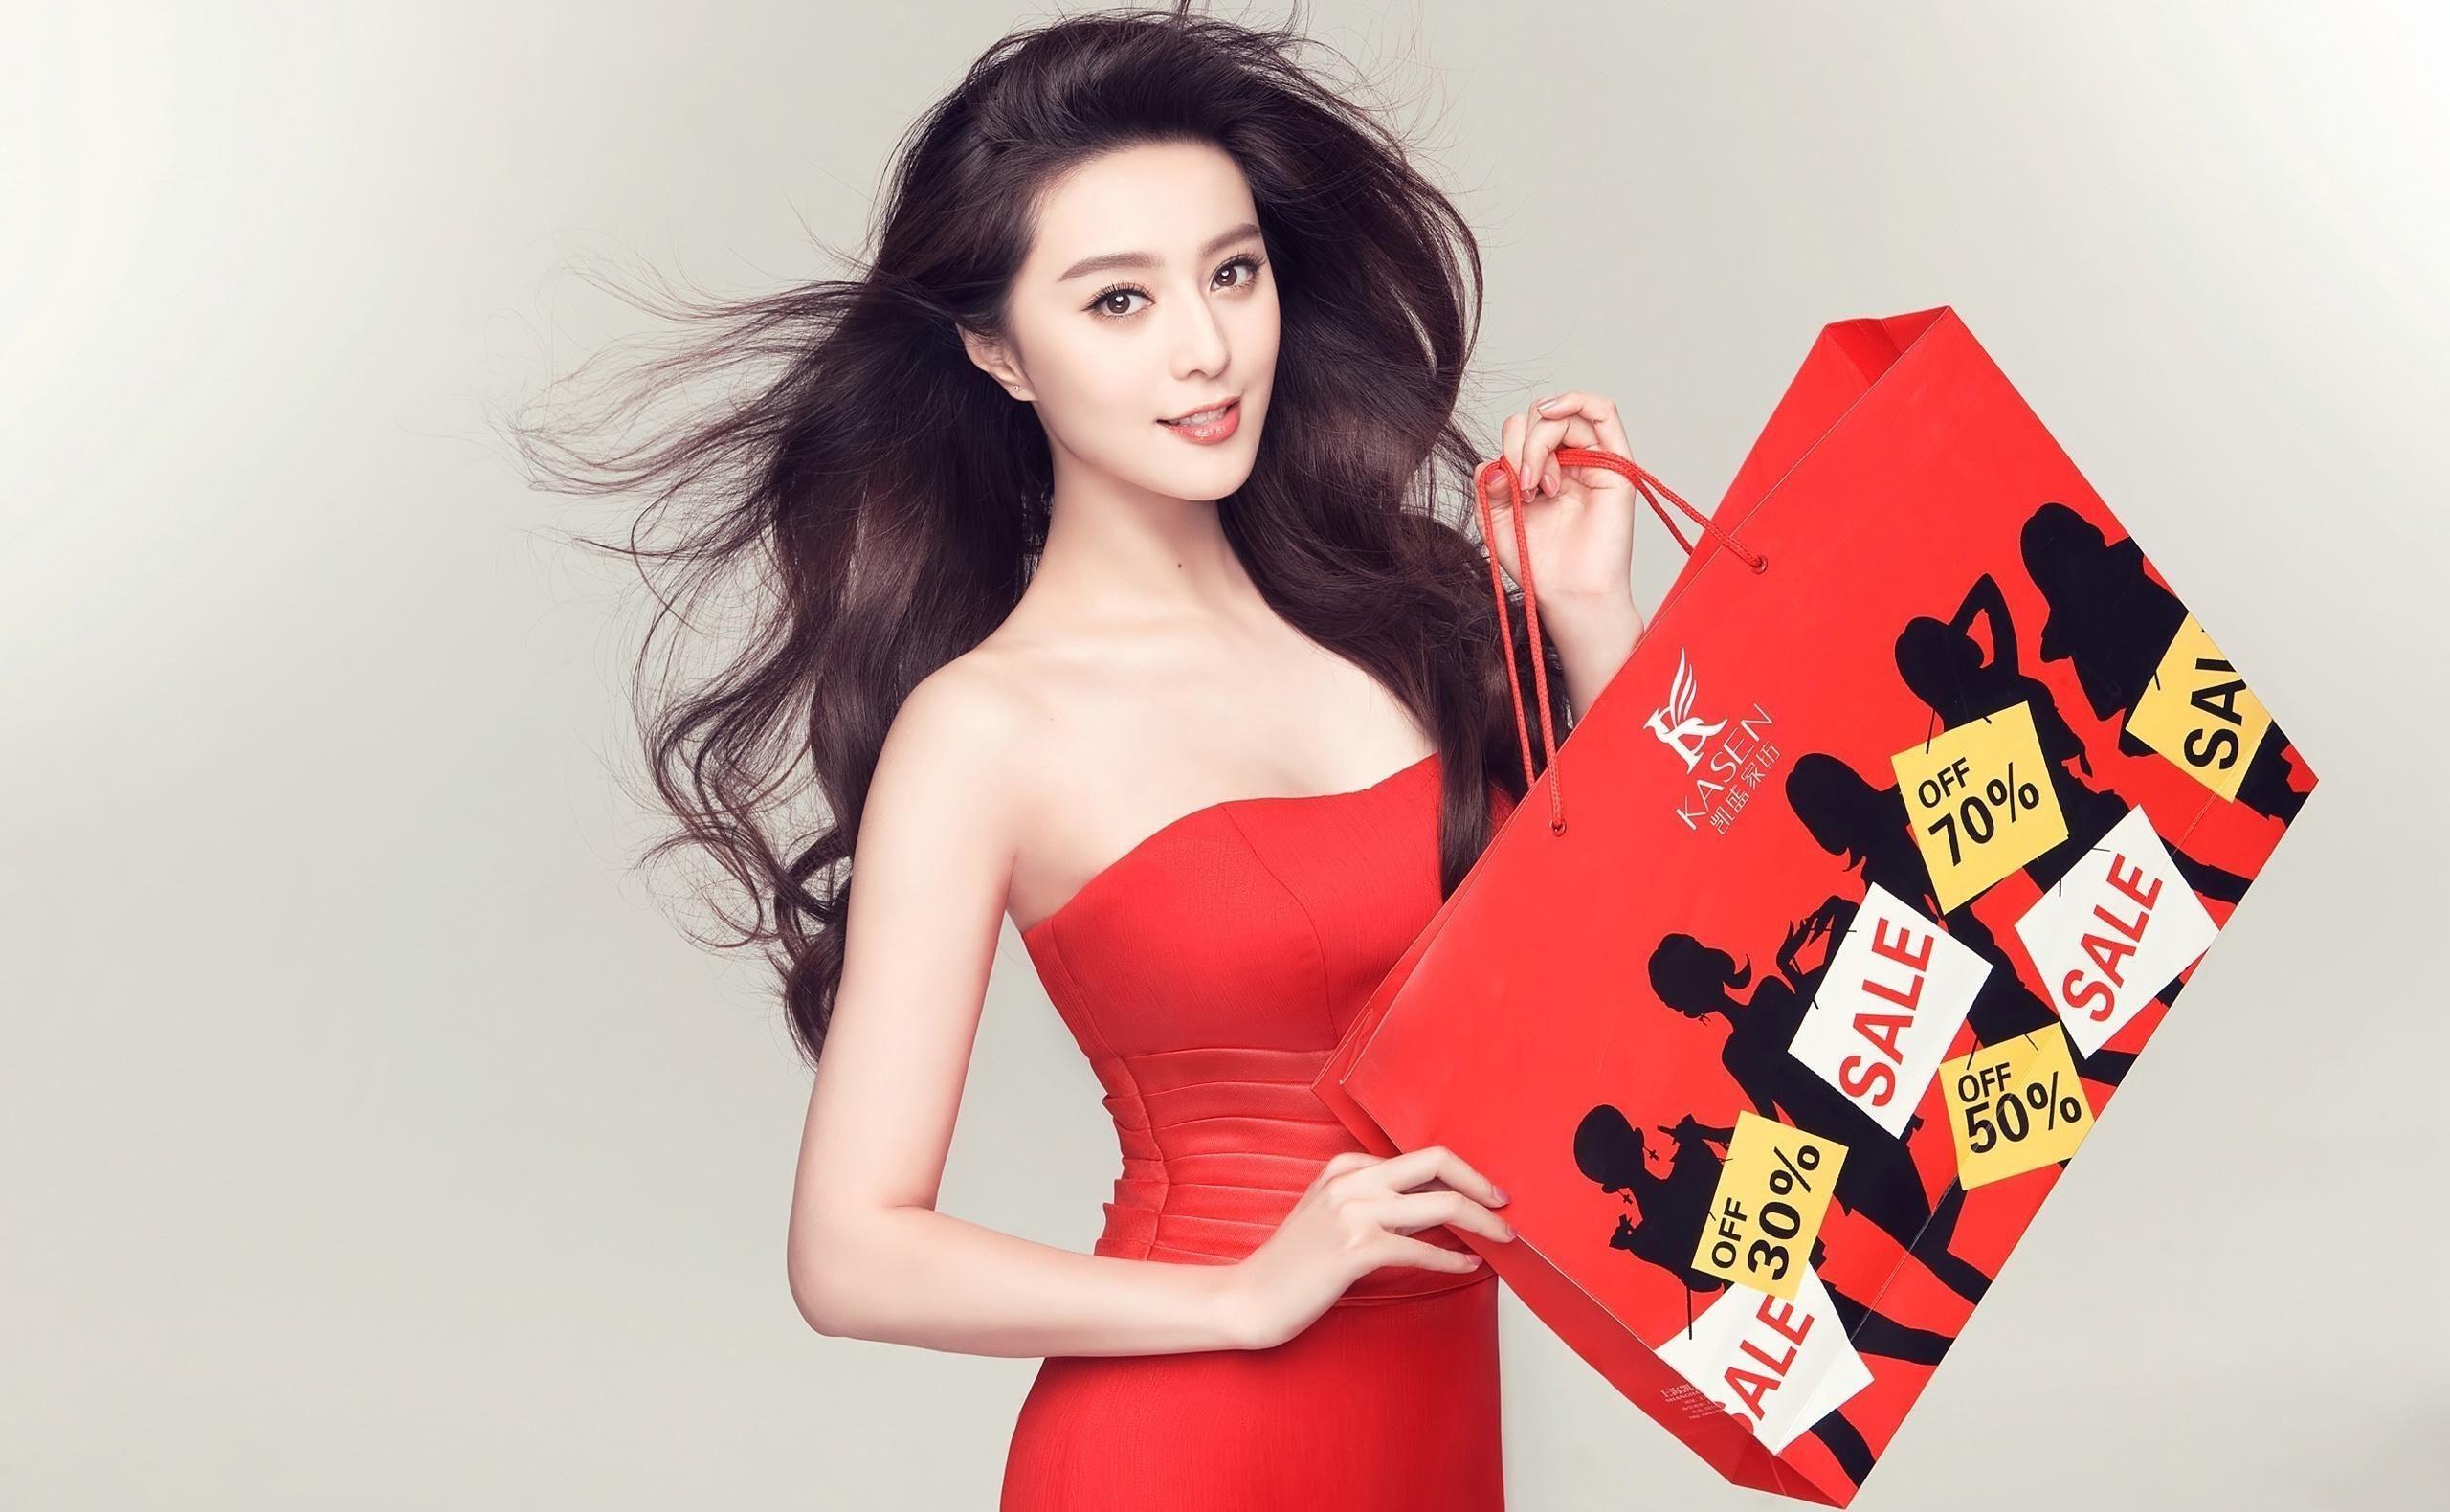 fan bingbing hot chinese - photo #22